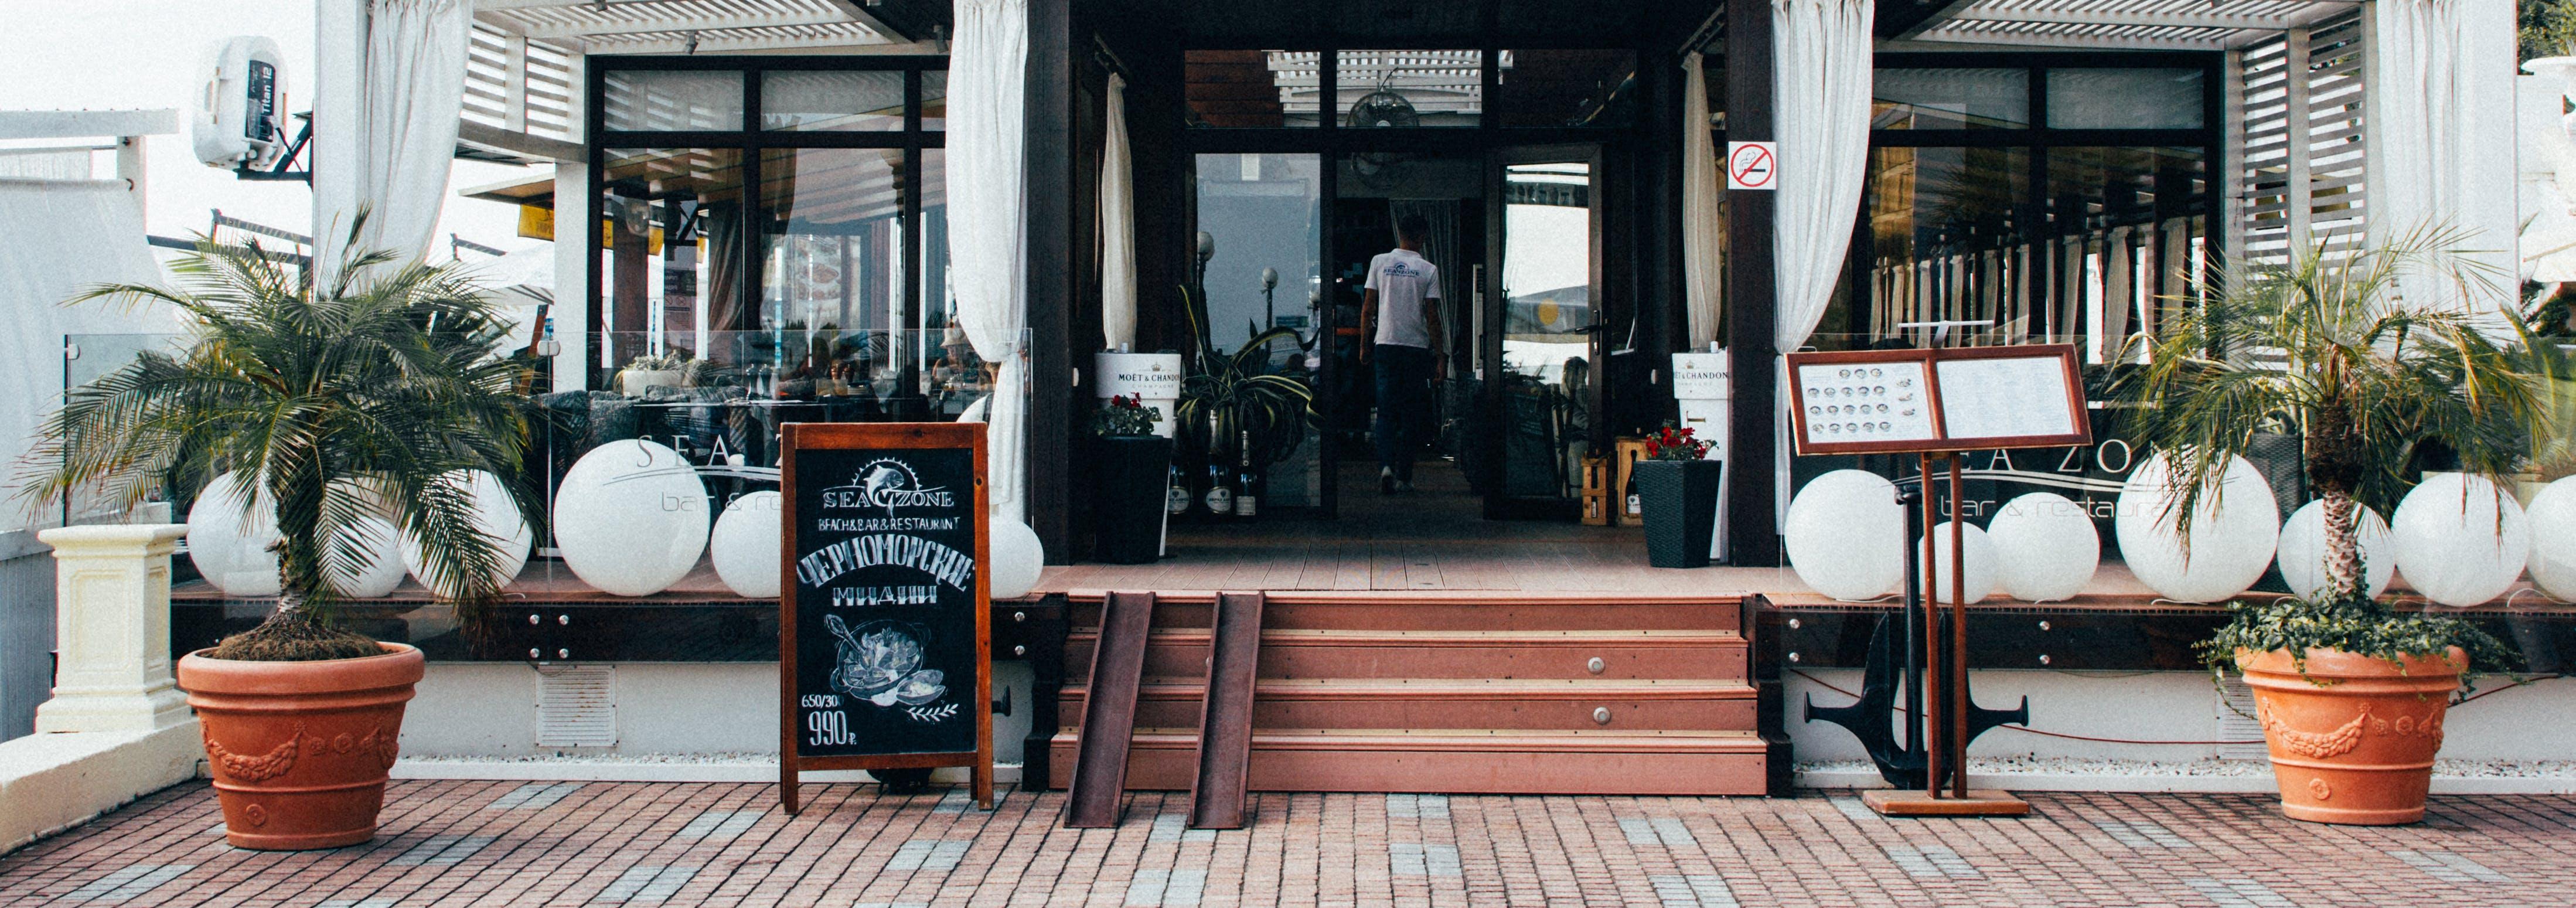 Kostenloses Stock Foto zu stufen, restaurant, mann, person